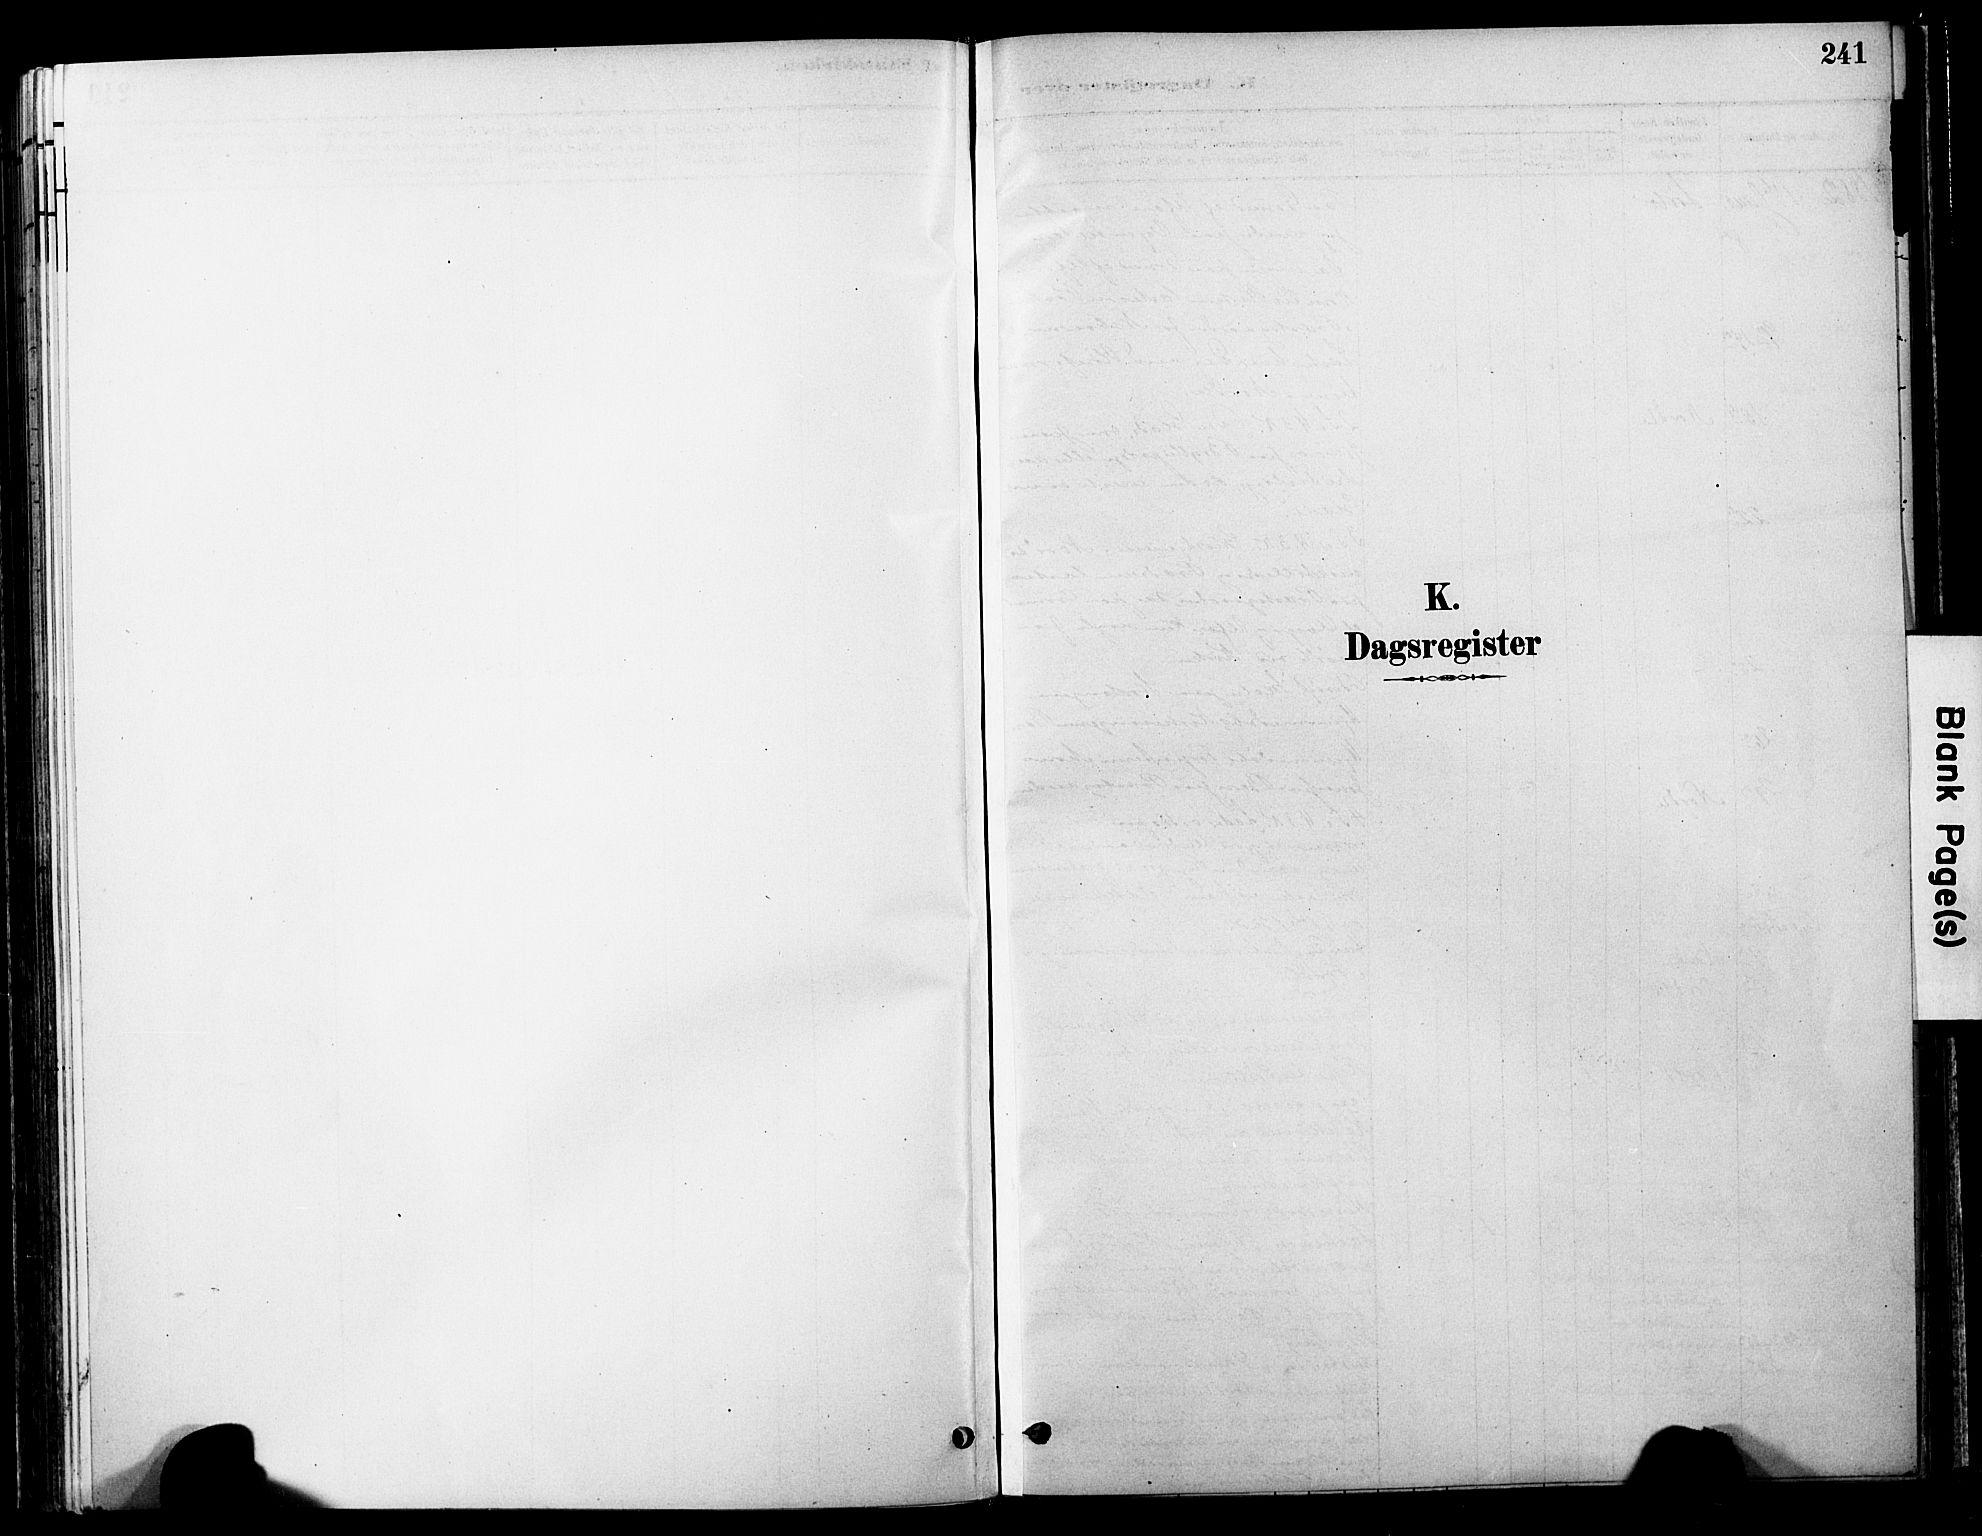 SAT, Ministerialprotokoller, klokkerbøker og fødselsregistre - Nord-Trøndelag, 755/L0494: Ministerialbok nr. 755A03, 1882-1902, s. 241